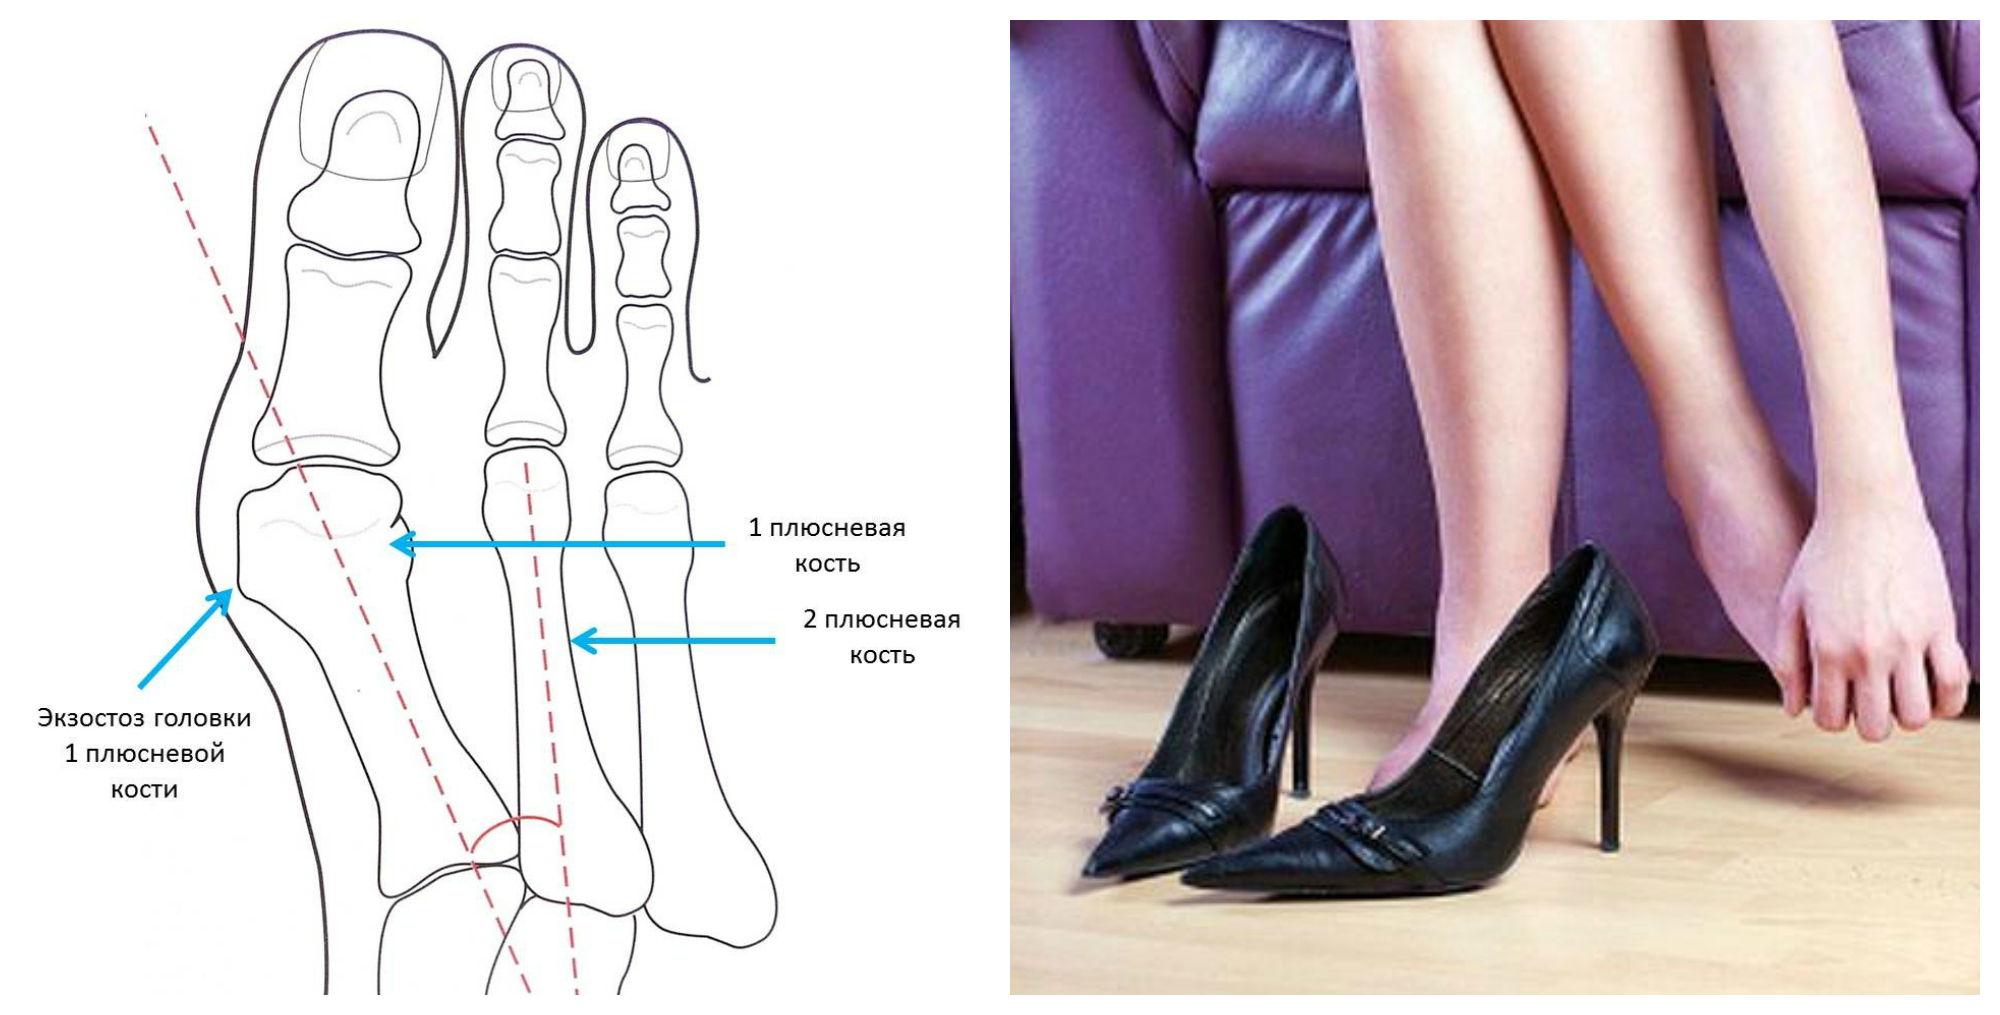 Ношение обуви на высоком каблуке